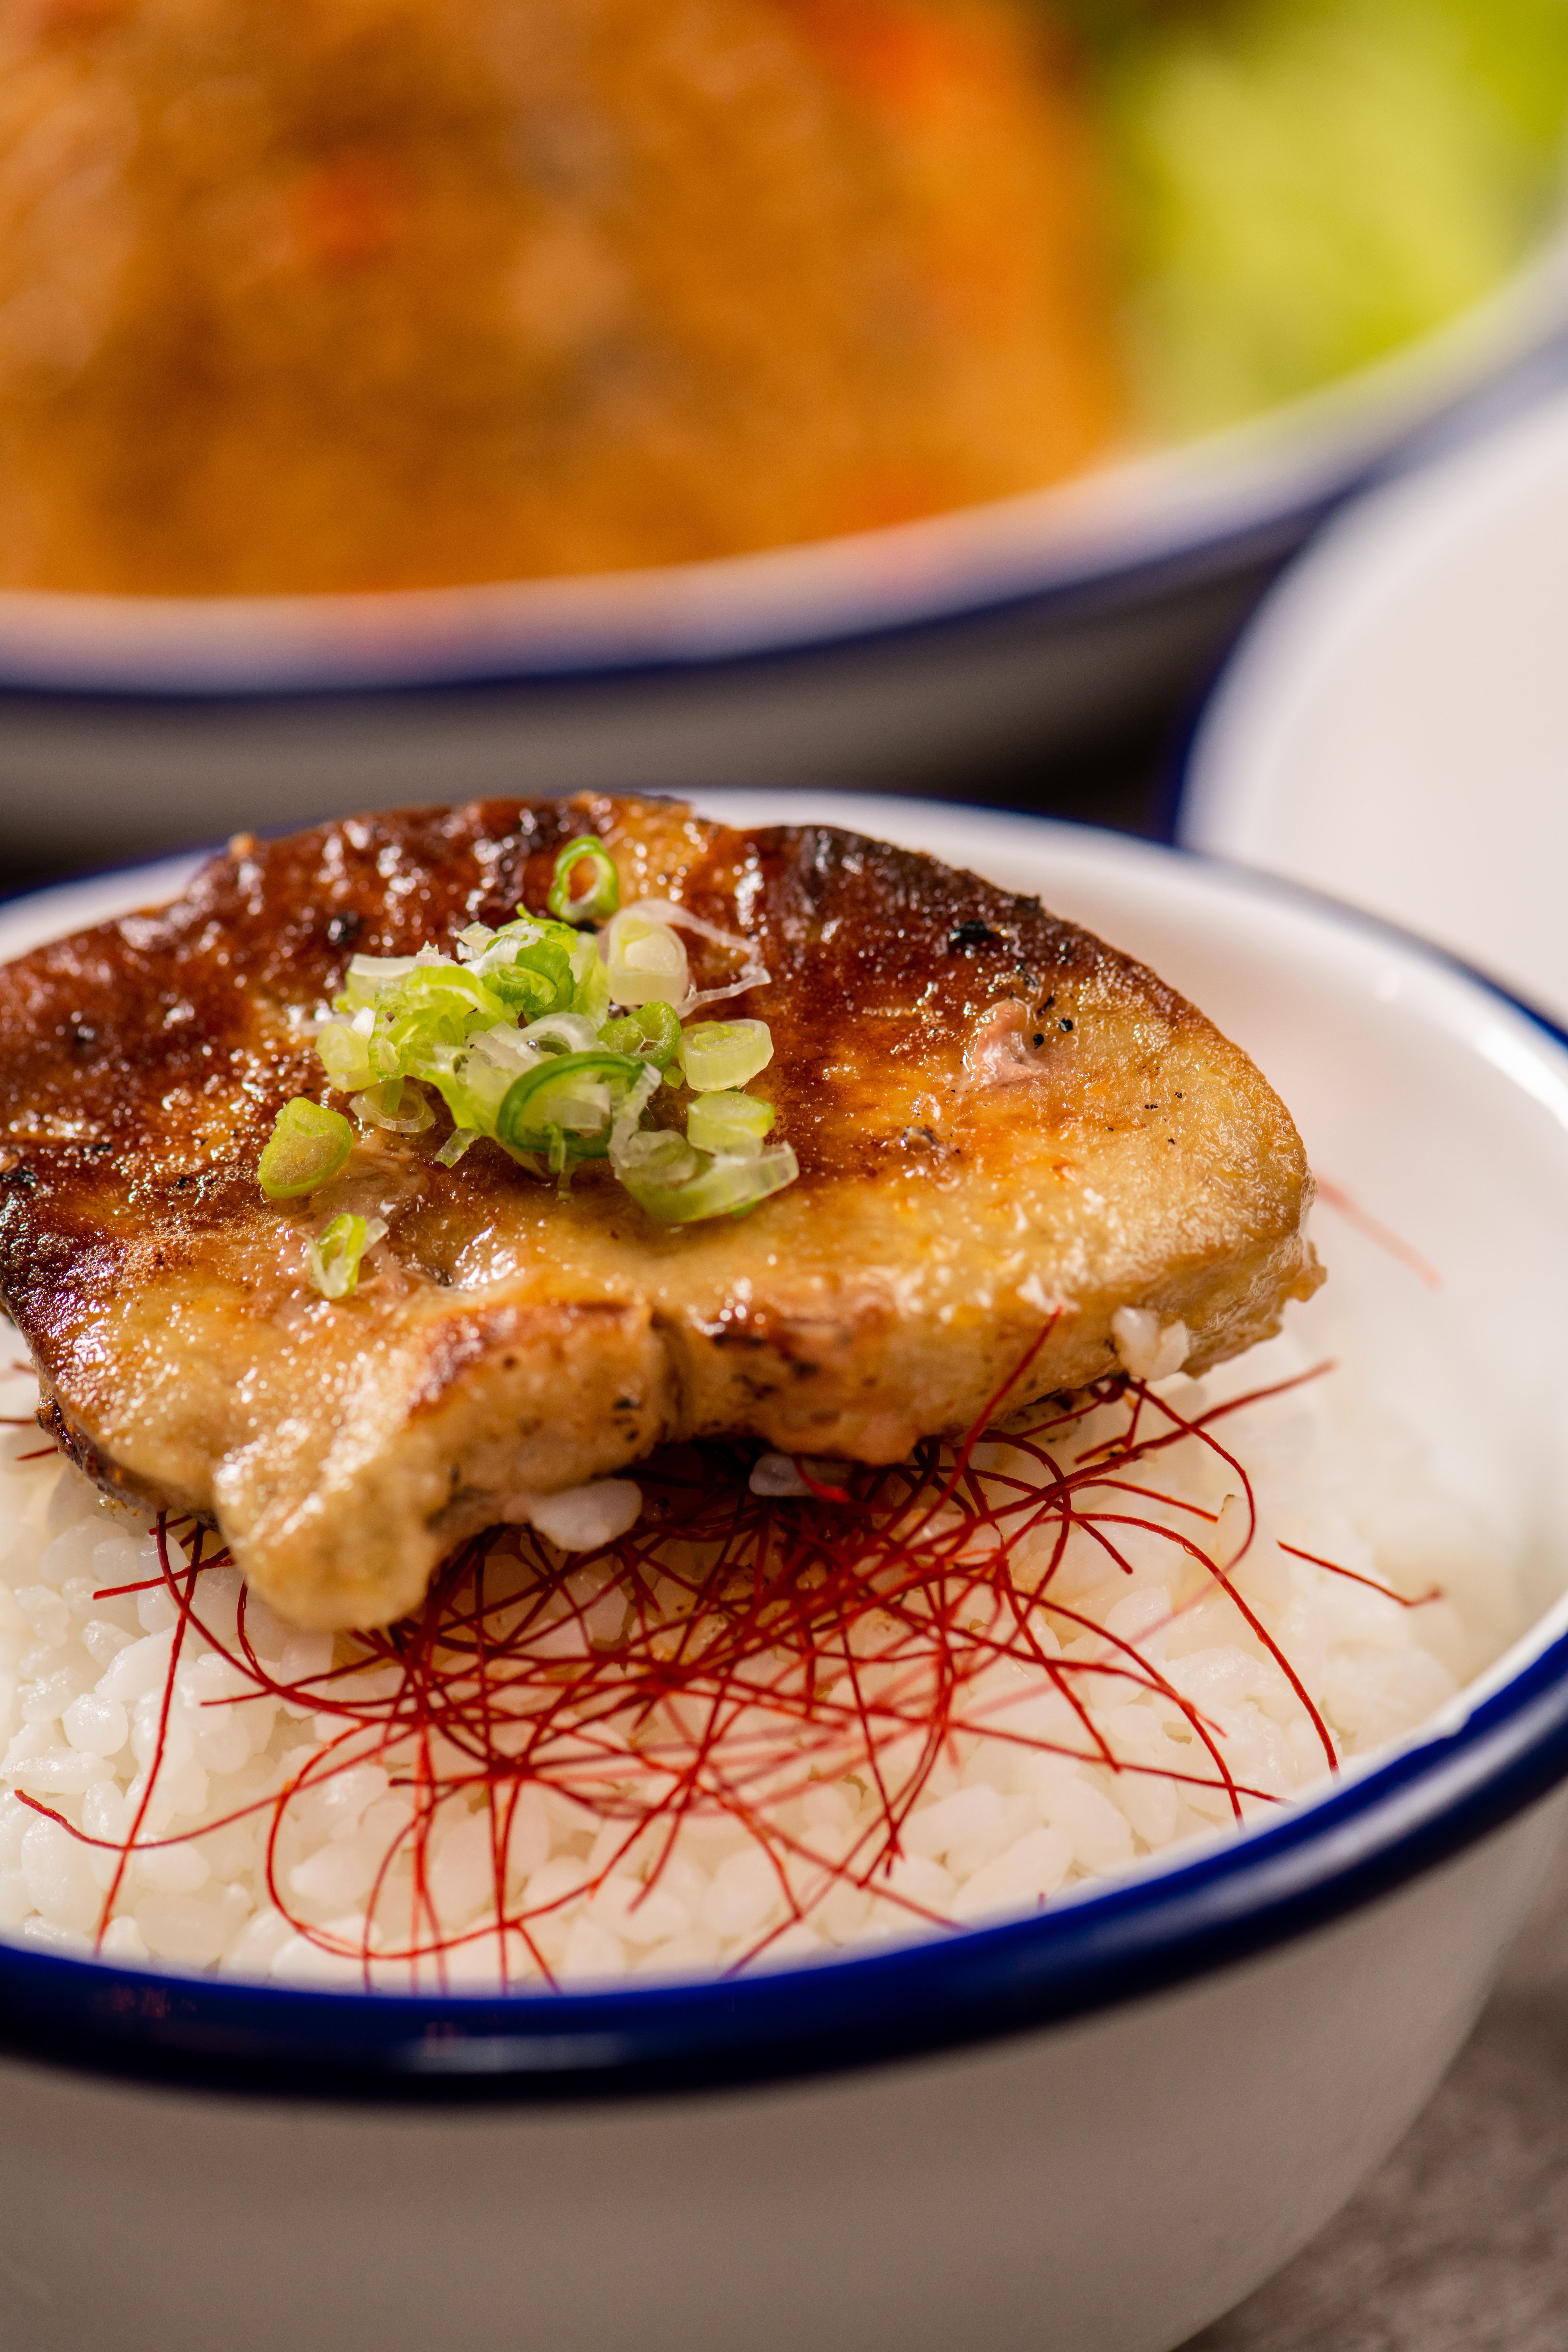 鵝肝飯 HK$150